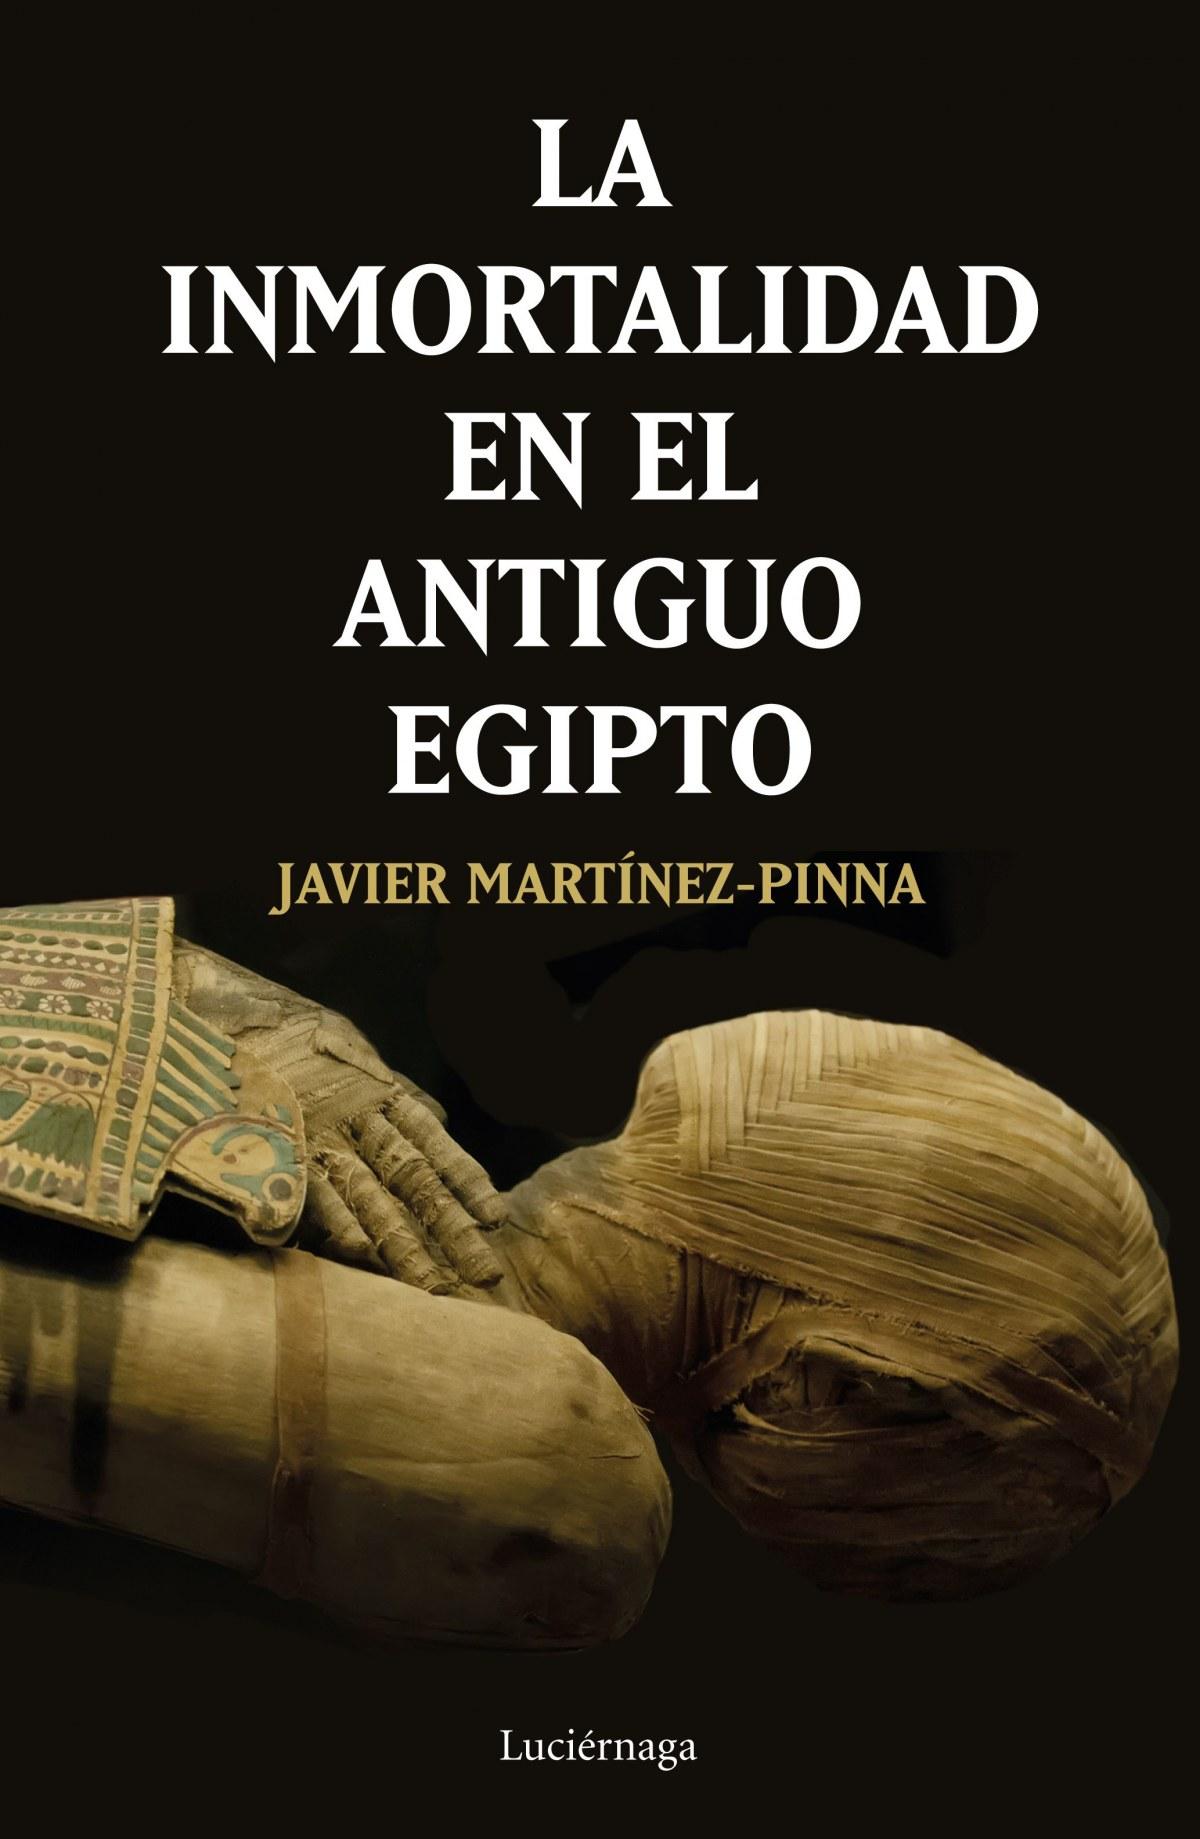 INMORTALIDAD EN EL ANTIGUO EGIPTO